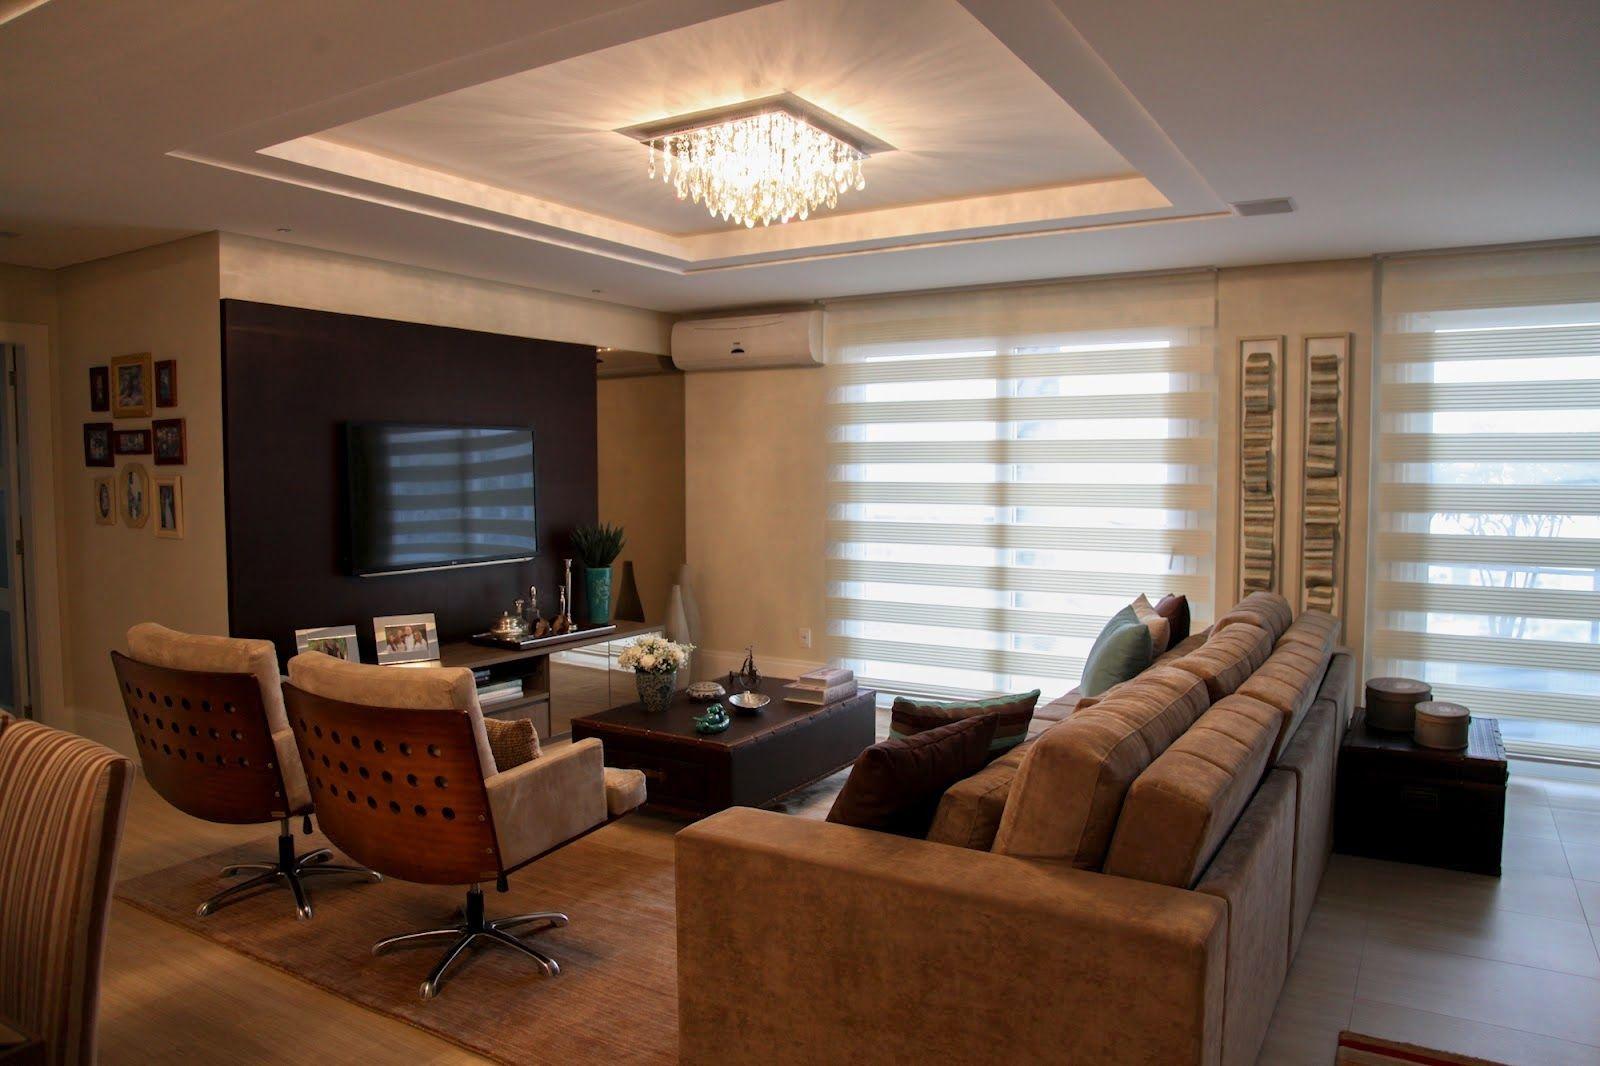 Sala de estar decorada decorismo pinterest sof for Sofa grande sala pequena